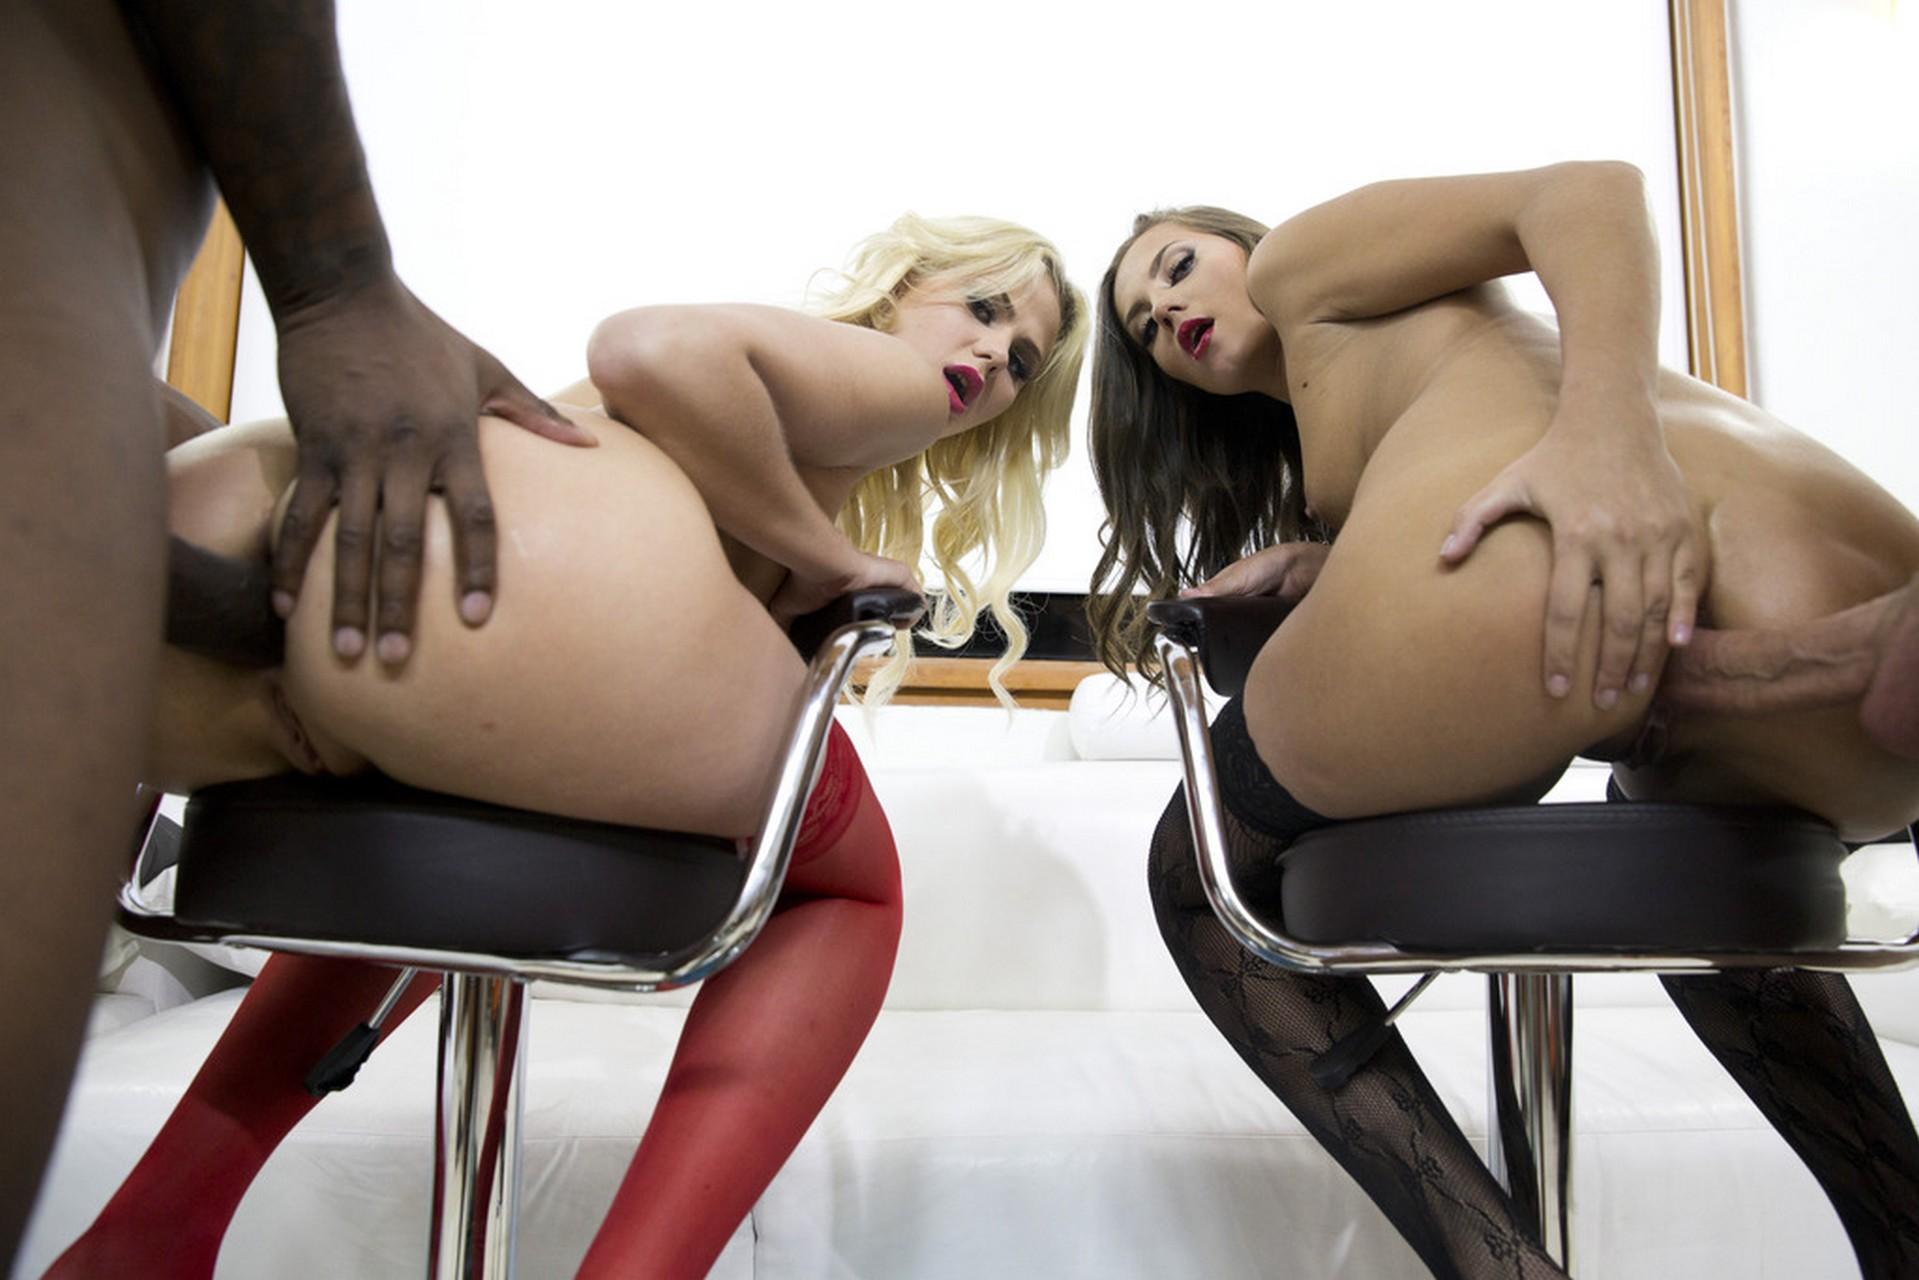 Katie Montana y Maria Devine en un cuarteto interracial